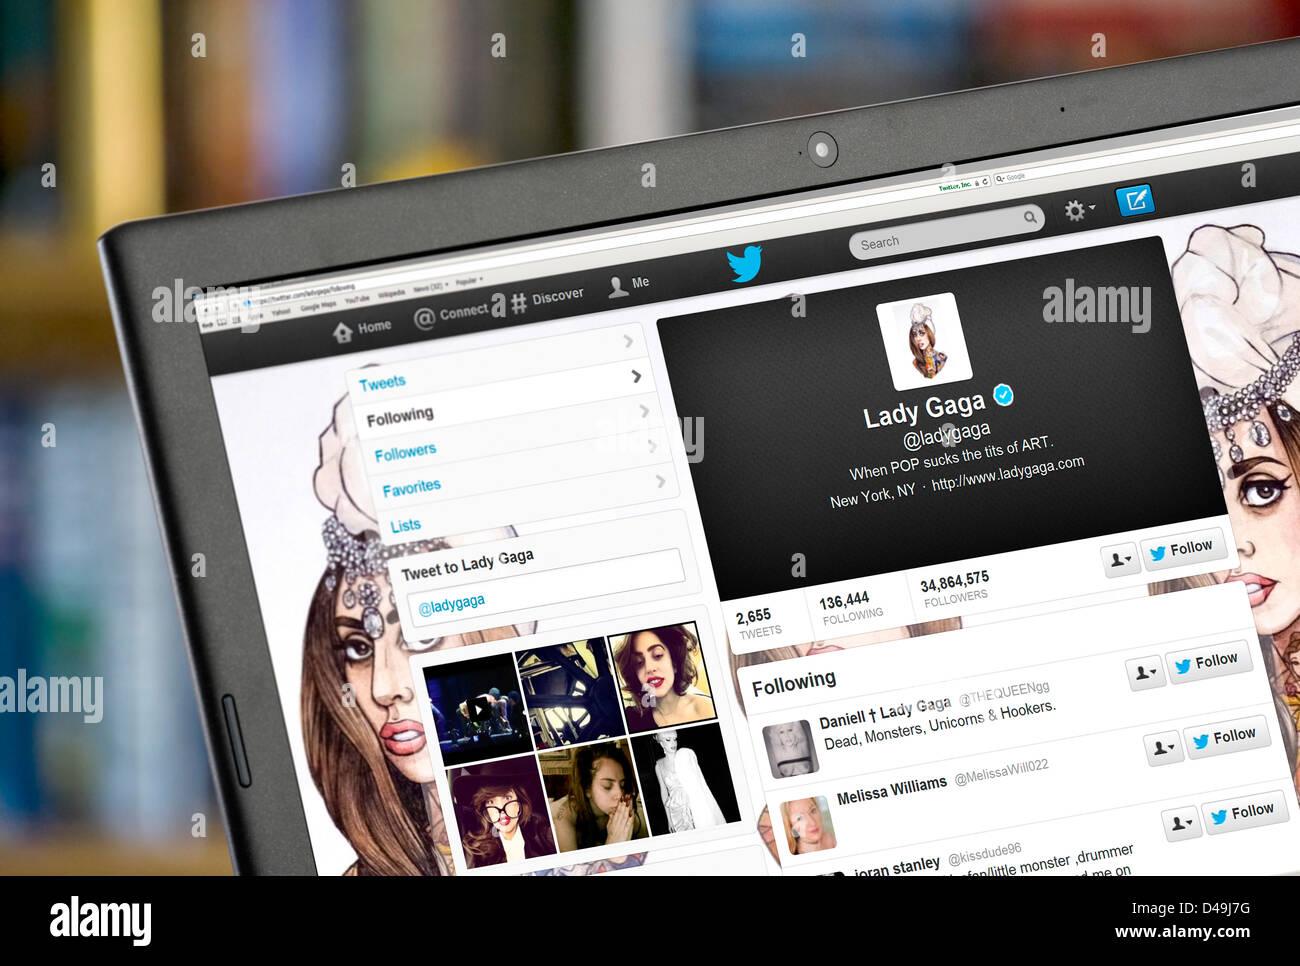 Lady Gaga's Twitter página en un ordenador portátil Imagen De Stock